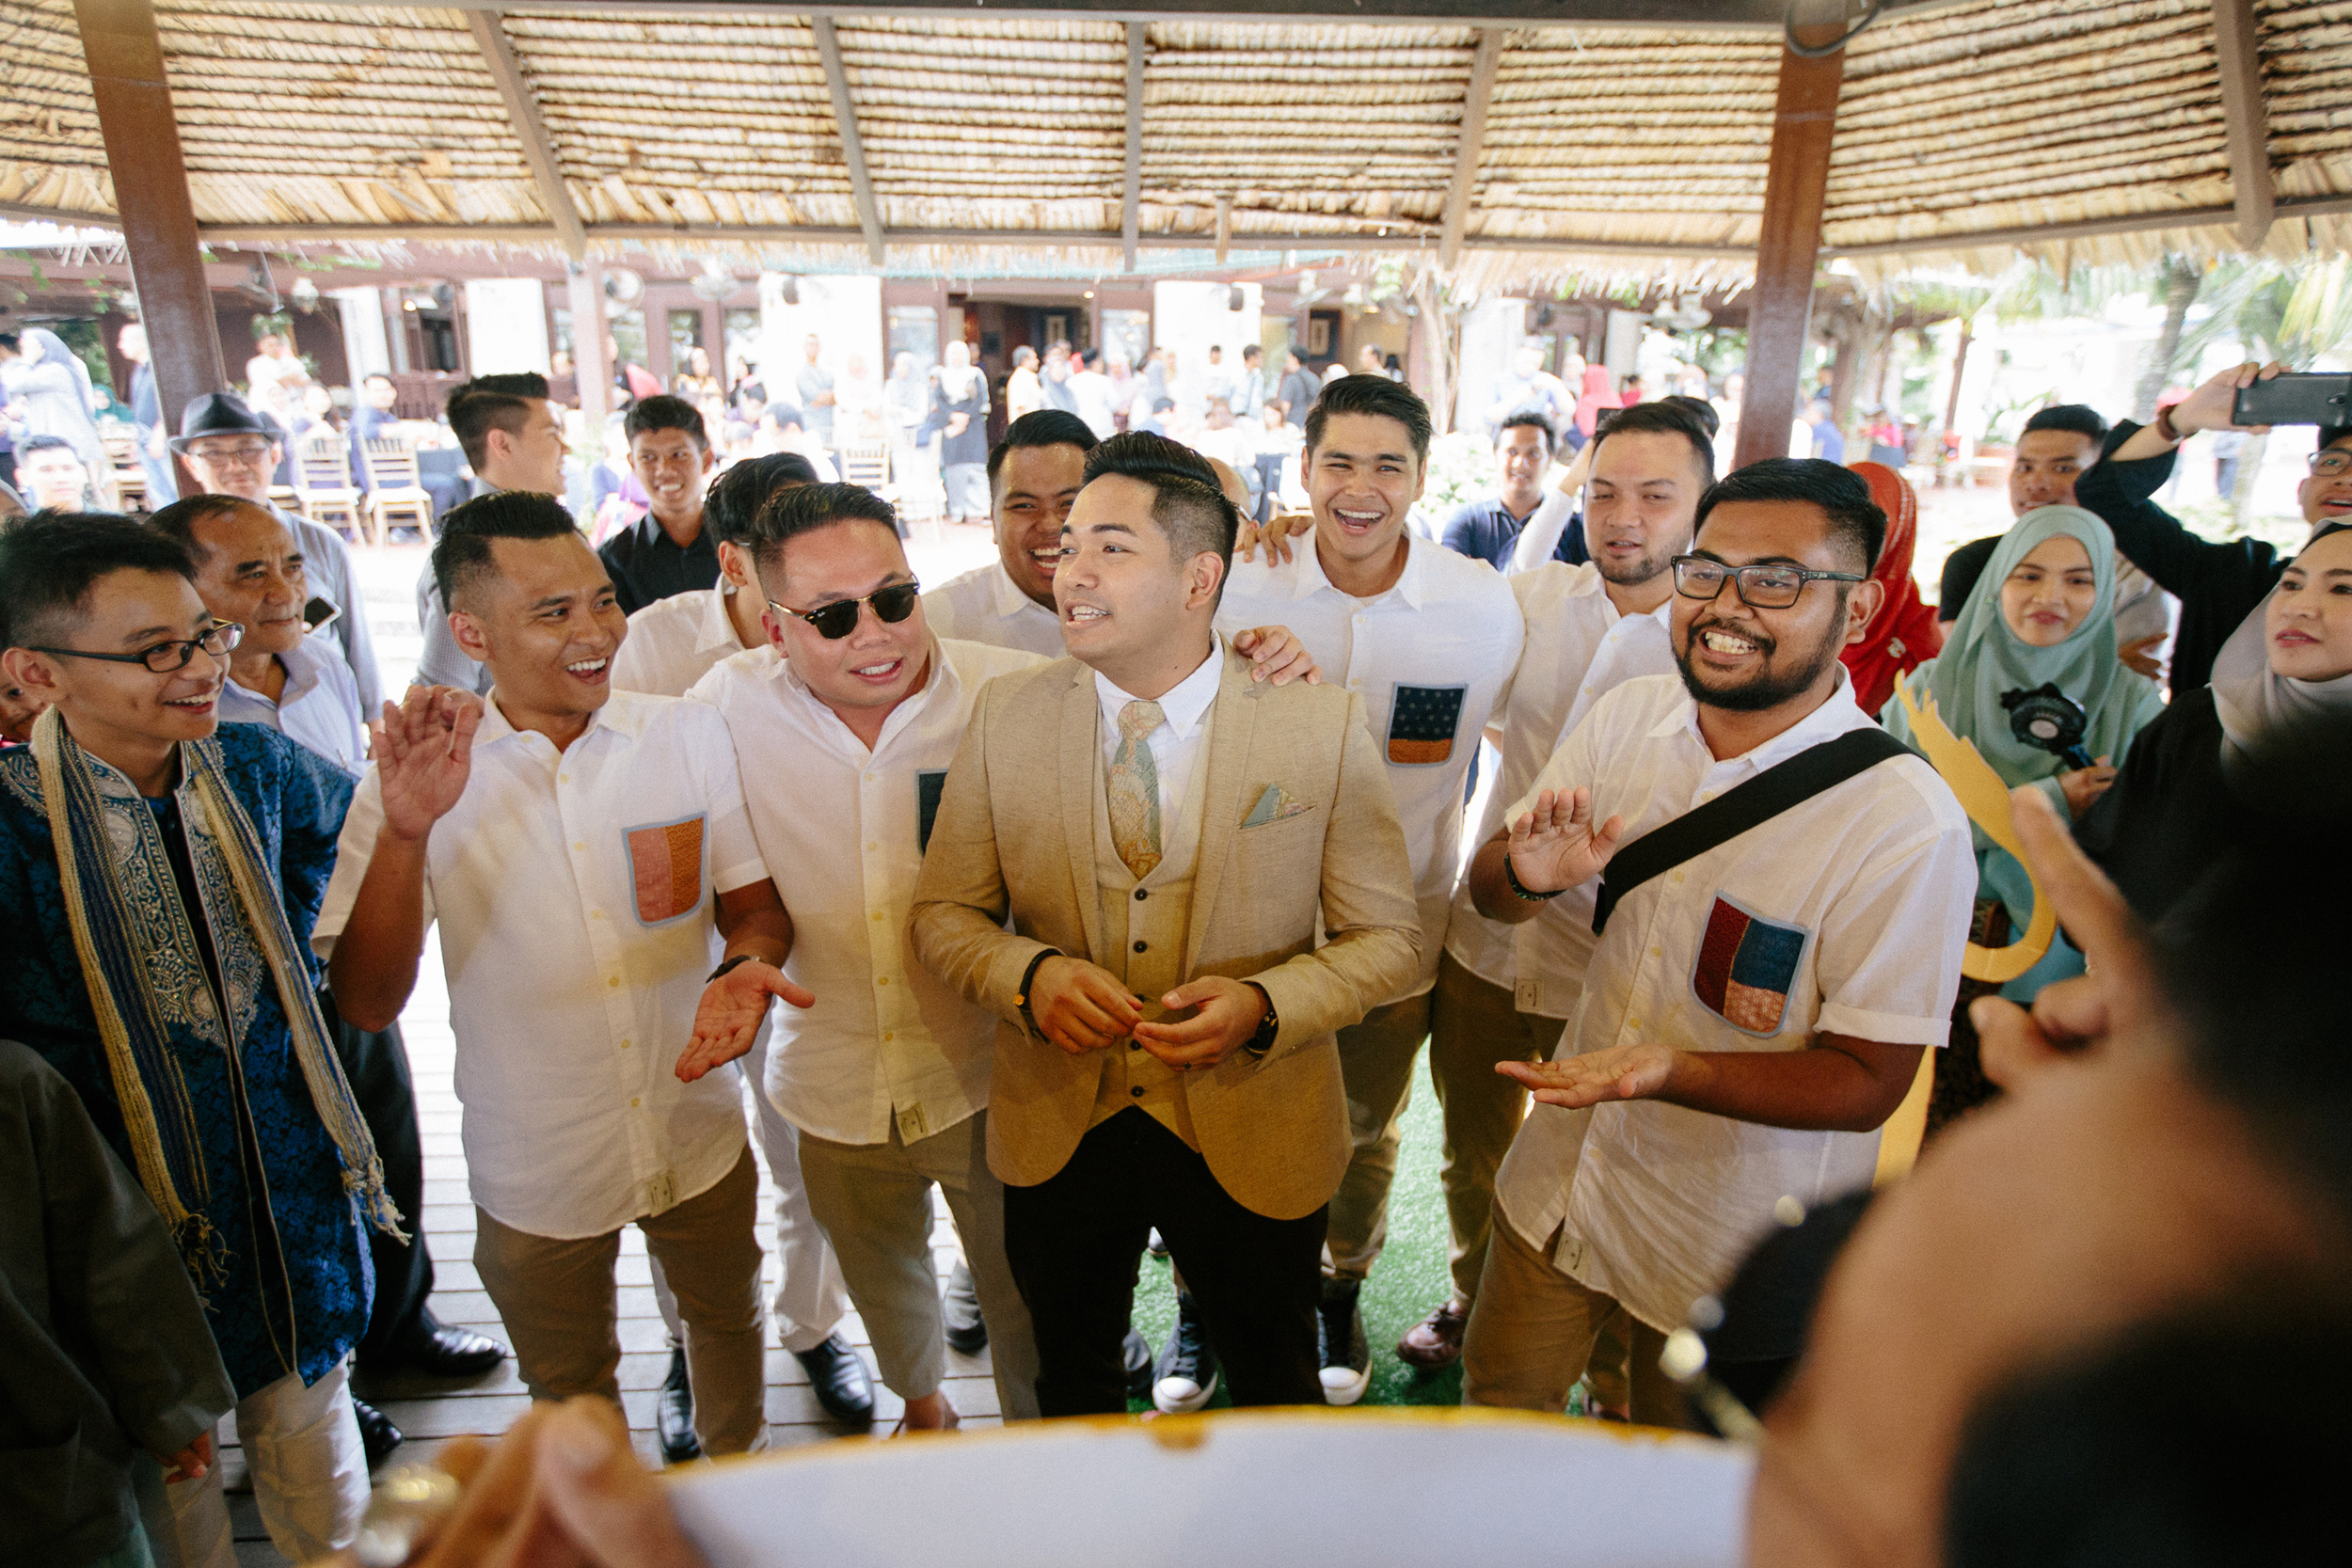 singapore-wedding-photographer-wemadethese-57.jpg